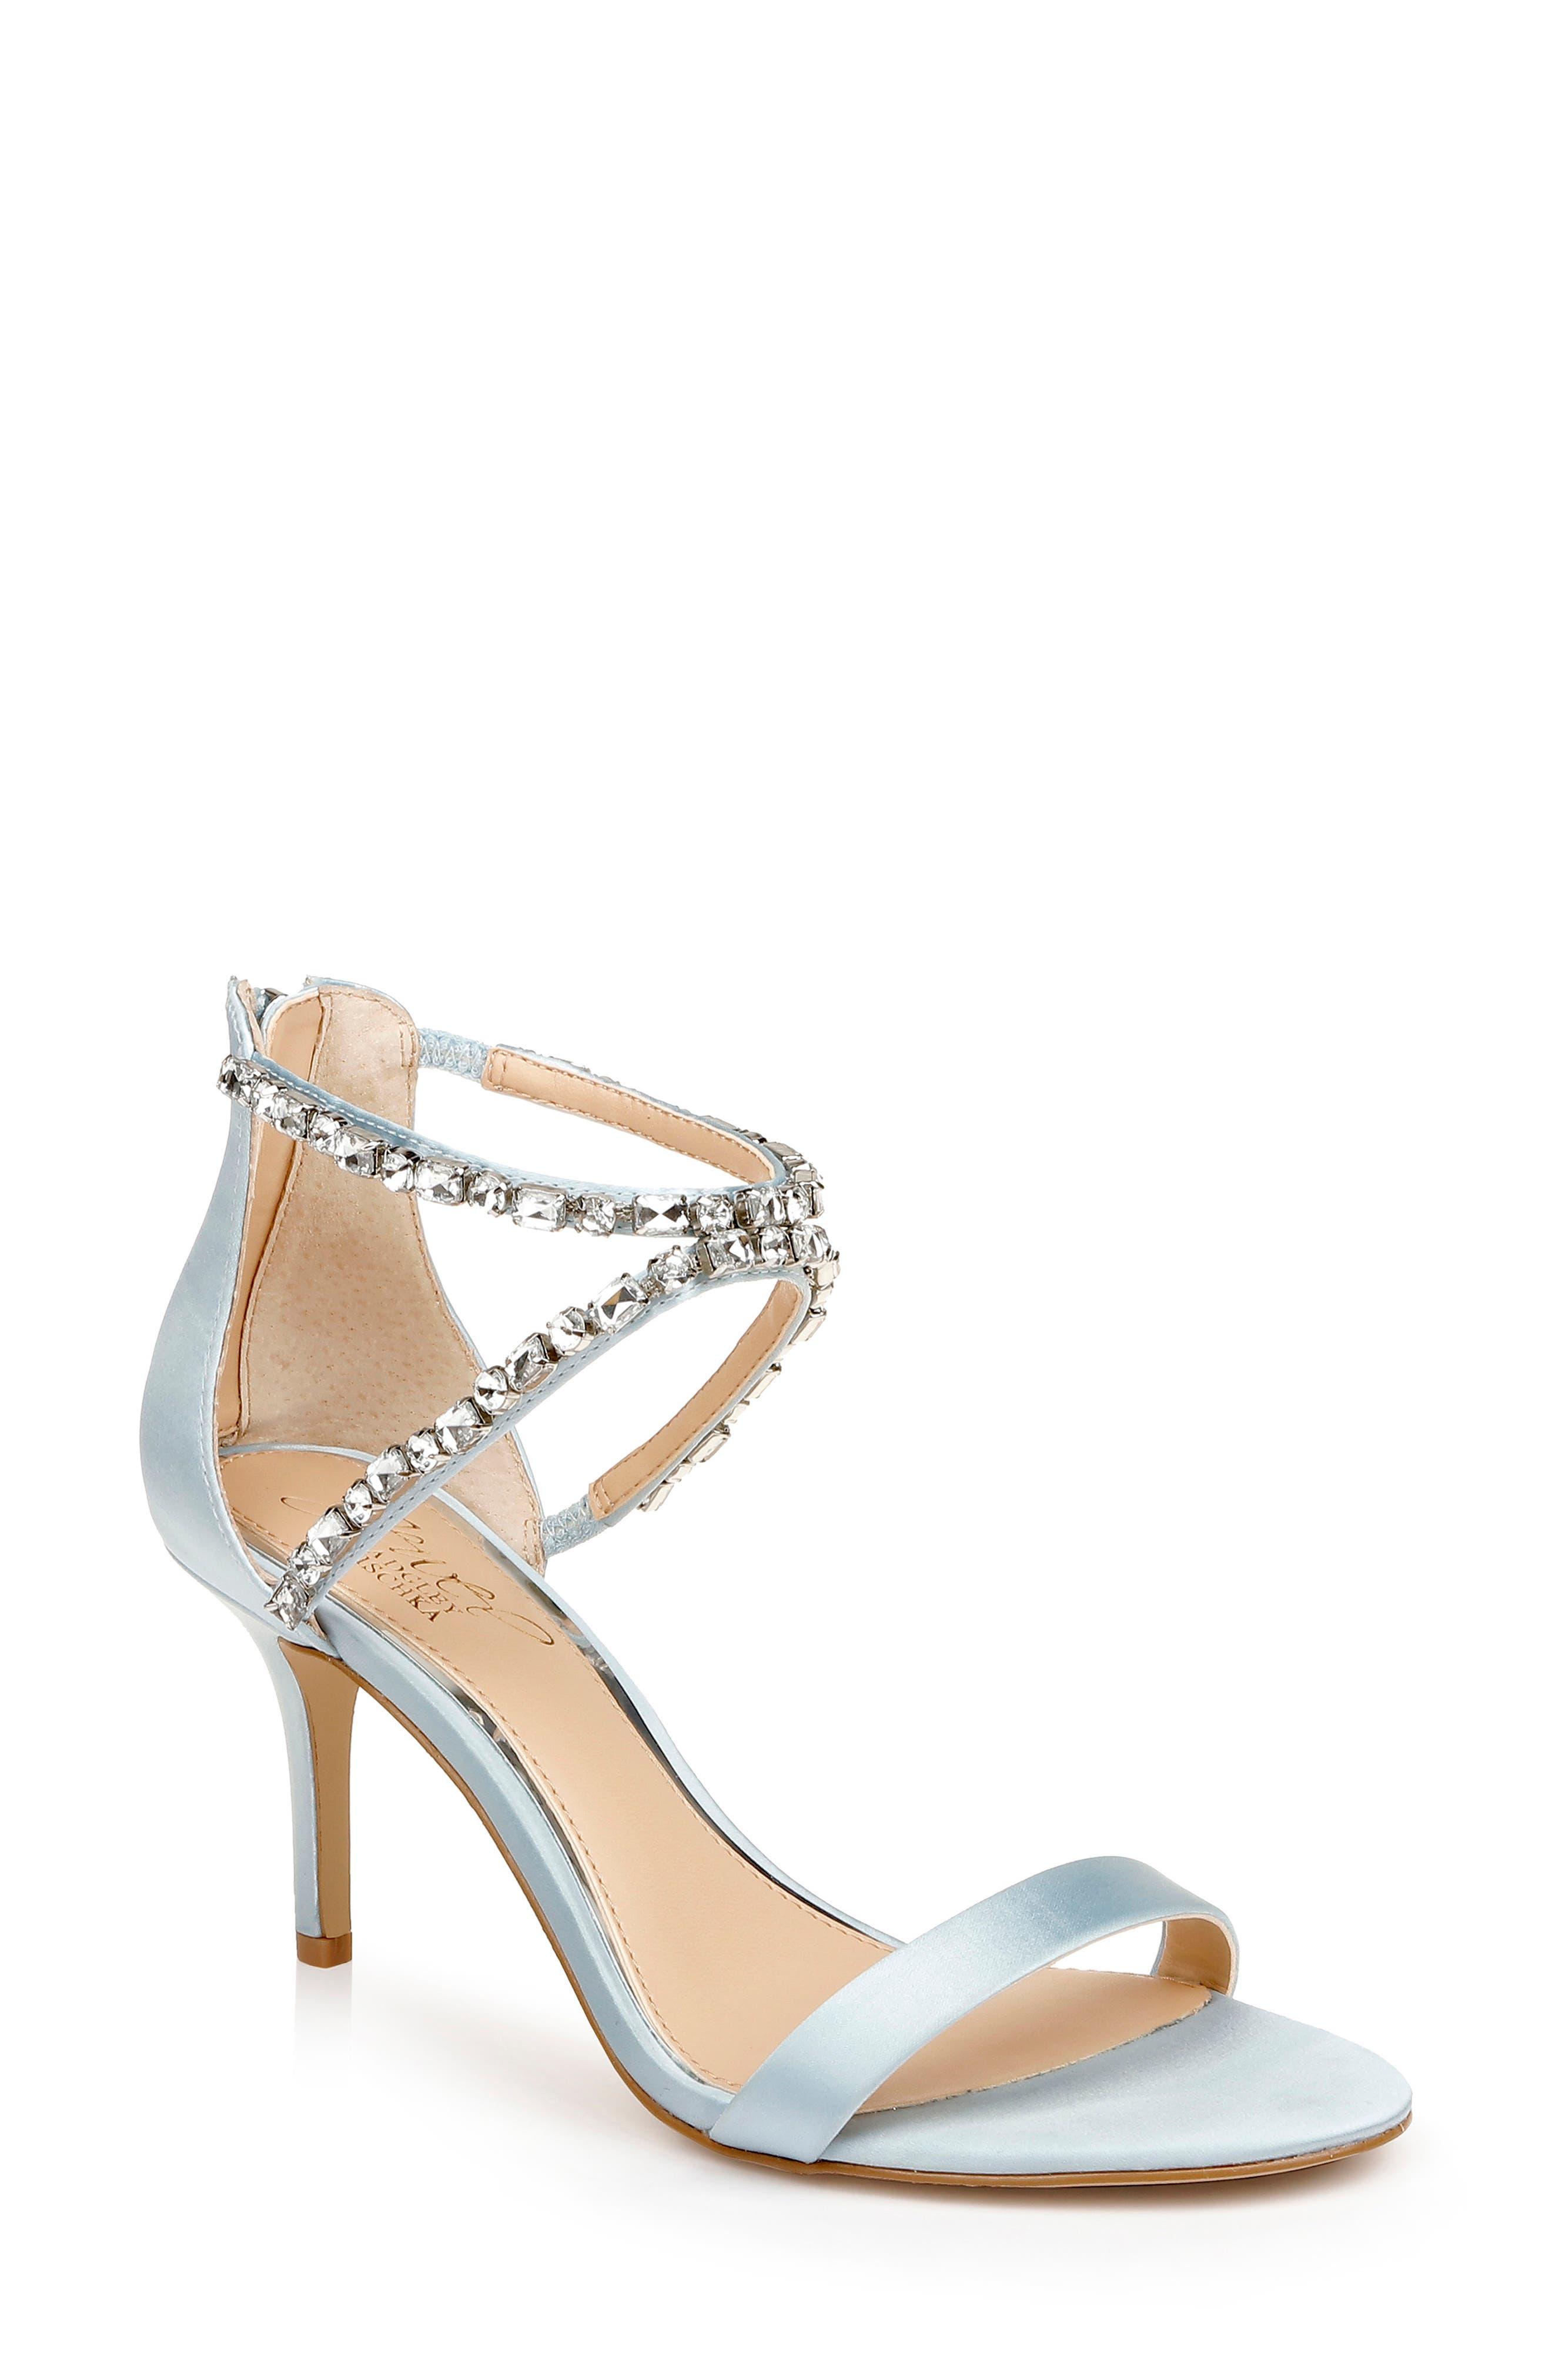 Celine Embellished Sandal